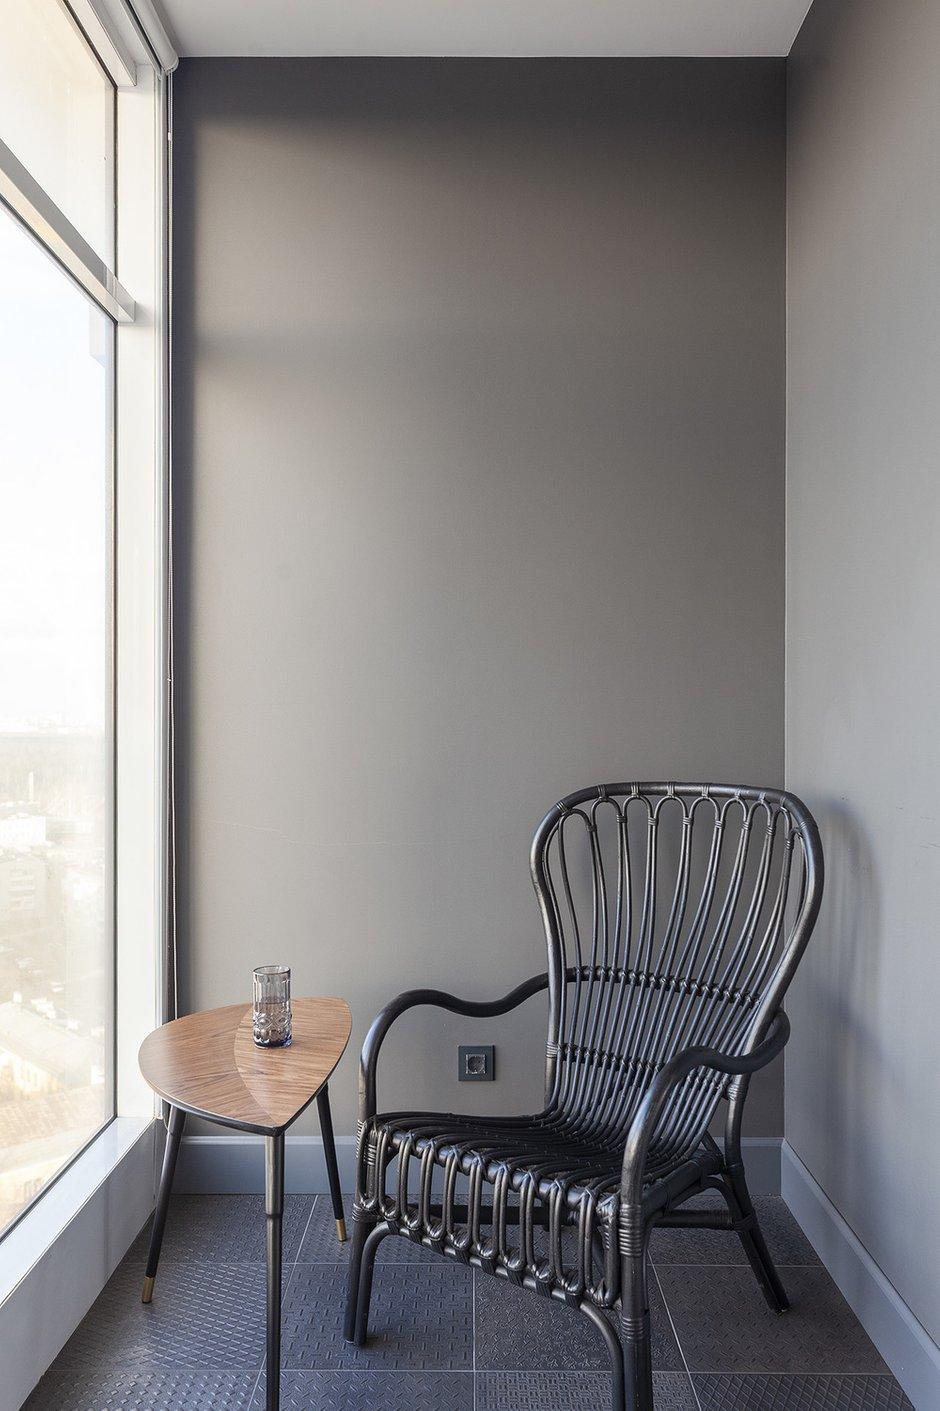 Фотография: Балкон в стиле Современный, Квартира, Белый, Проект недели, Черный, Москва, Бежевый, Коричневый, 2 комнаты, 60-90 метров, Юлия Жирнова – фото на INMYROOM